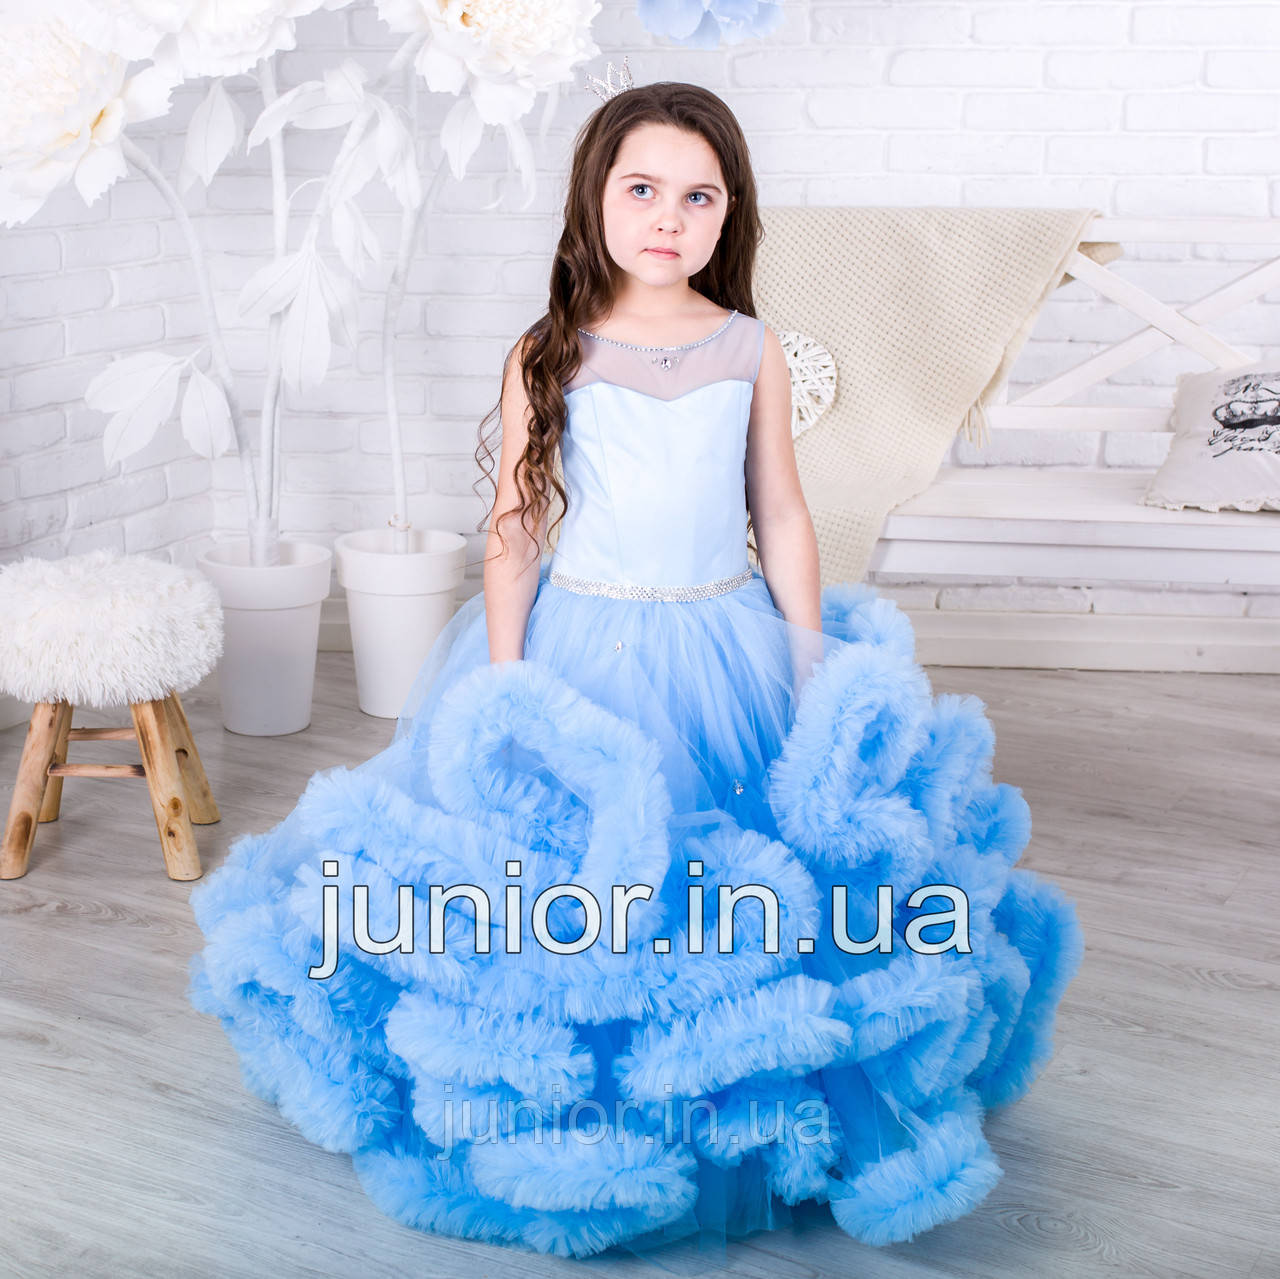 """Нарядное бальное платье для девочки """"Облако"""" нежно-голубое"""